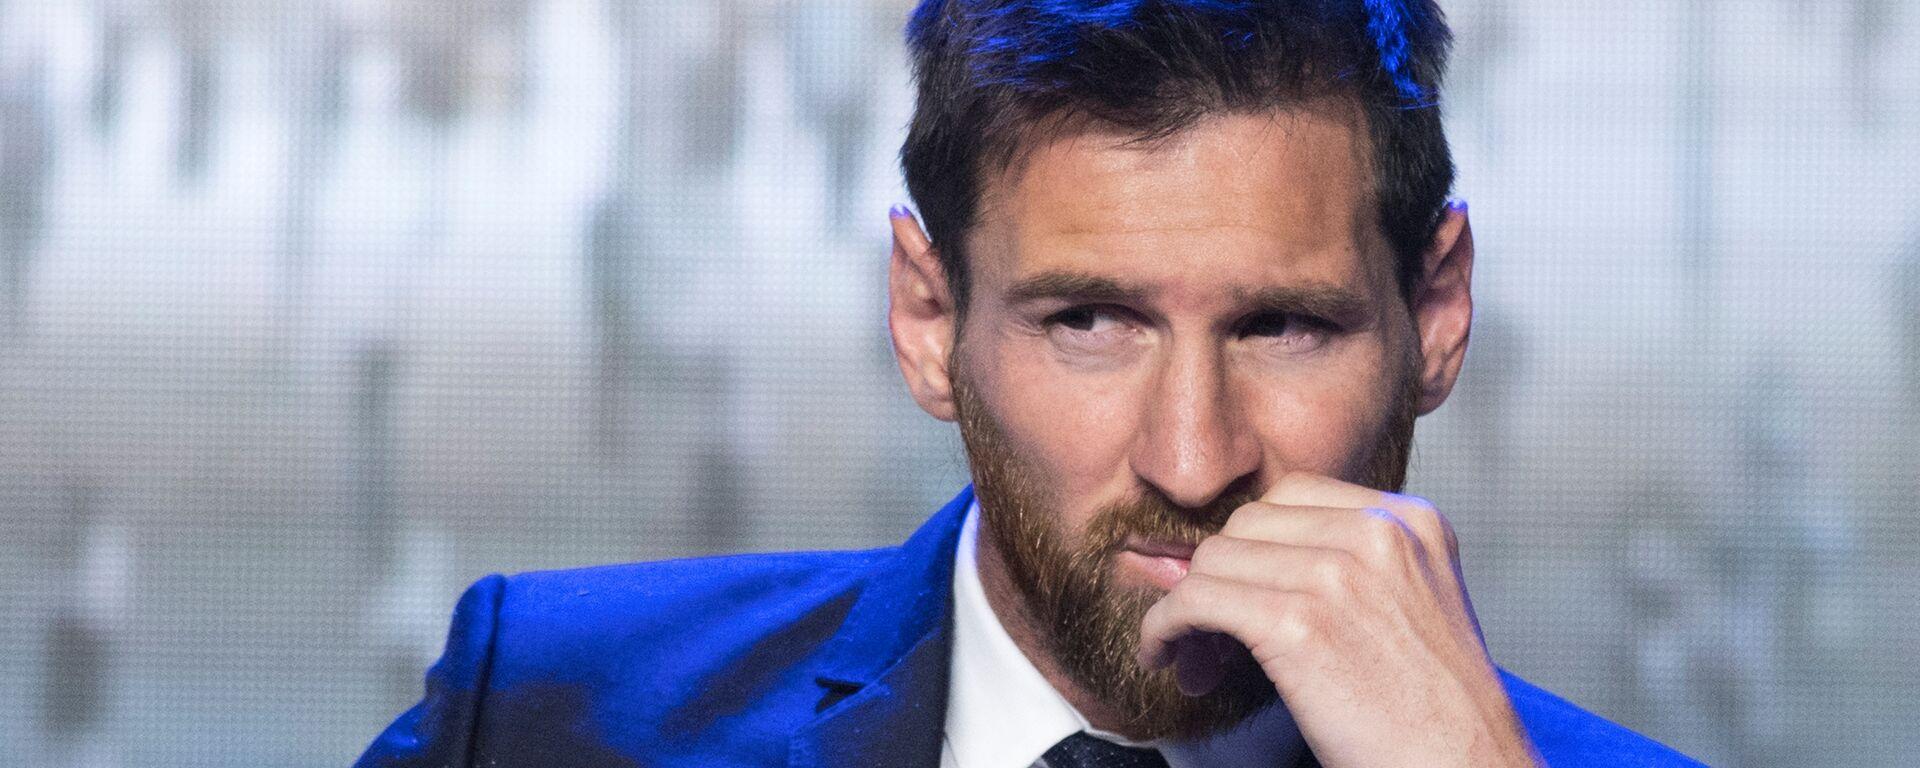 Lionel Messi, futbolista argentino - Sputnik Mundo, 1920, 09.08.2021